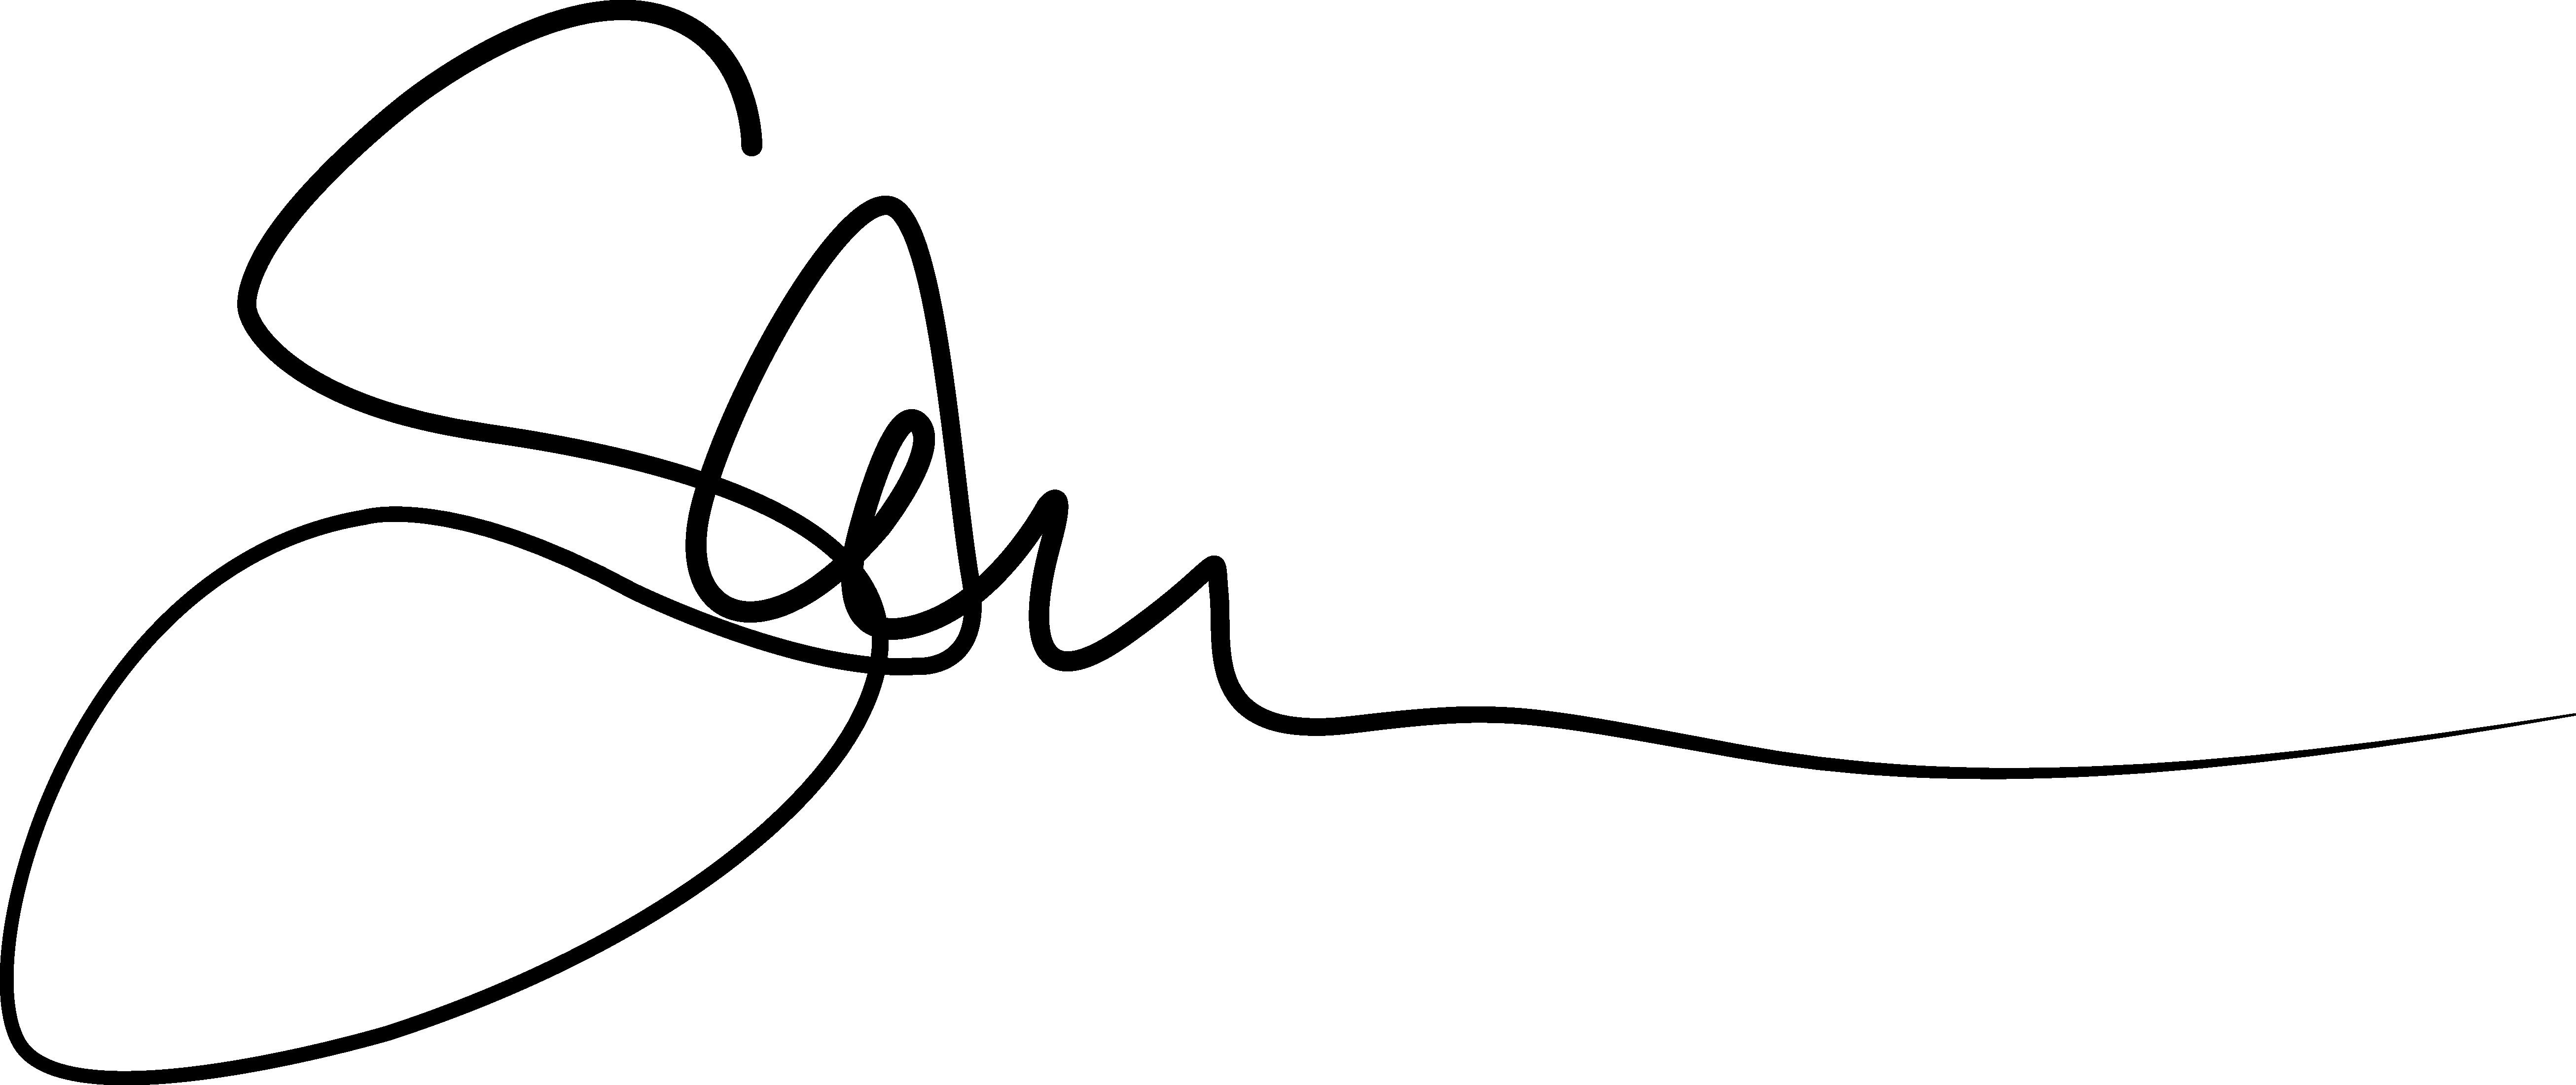 Eszter GAll's Signature